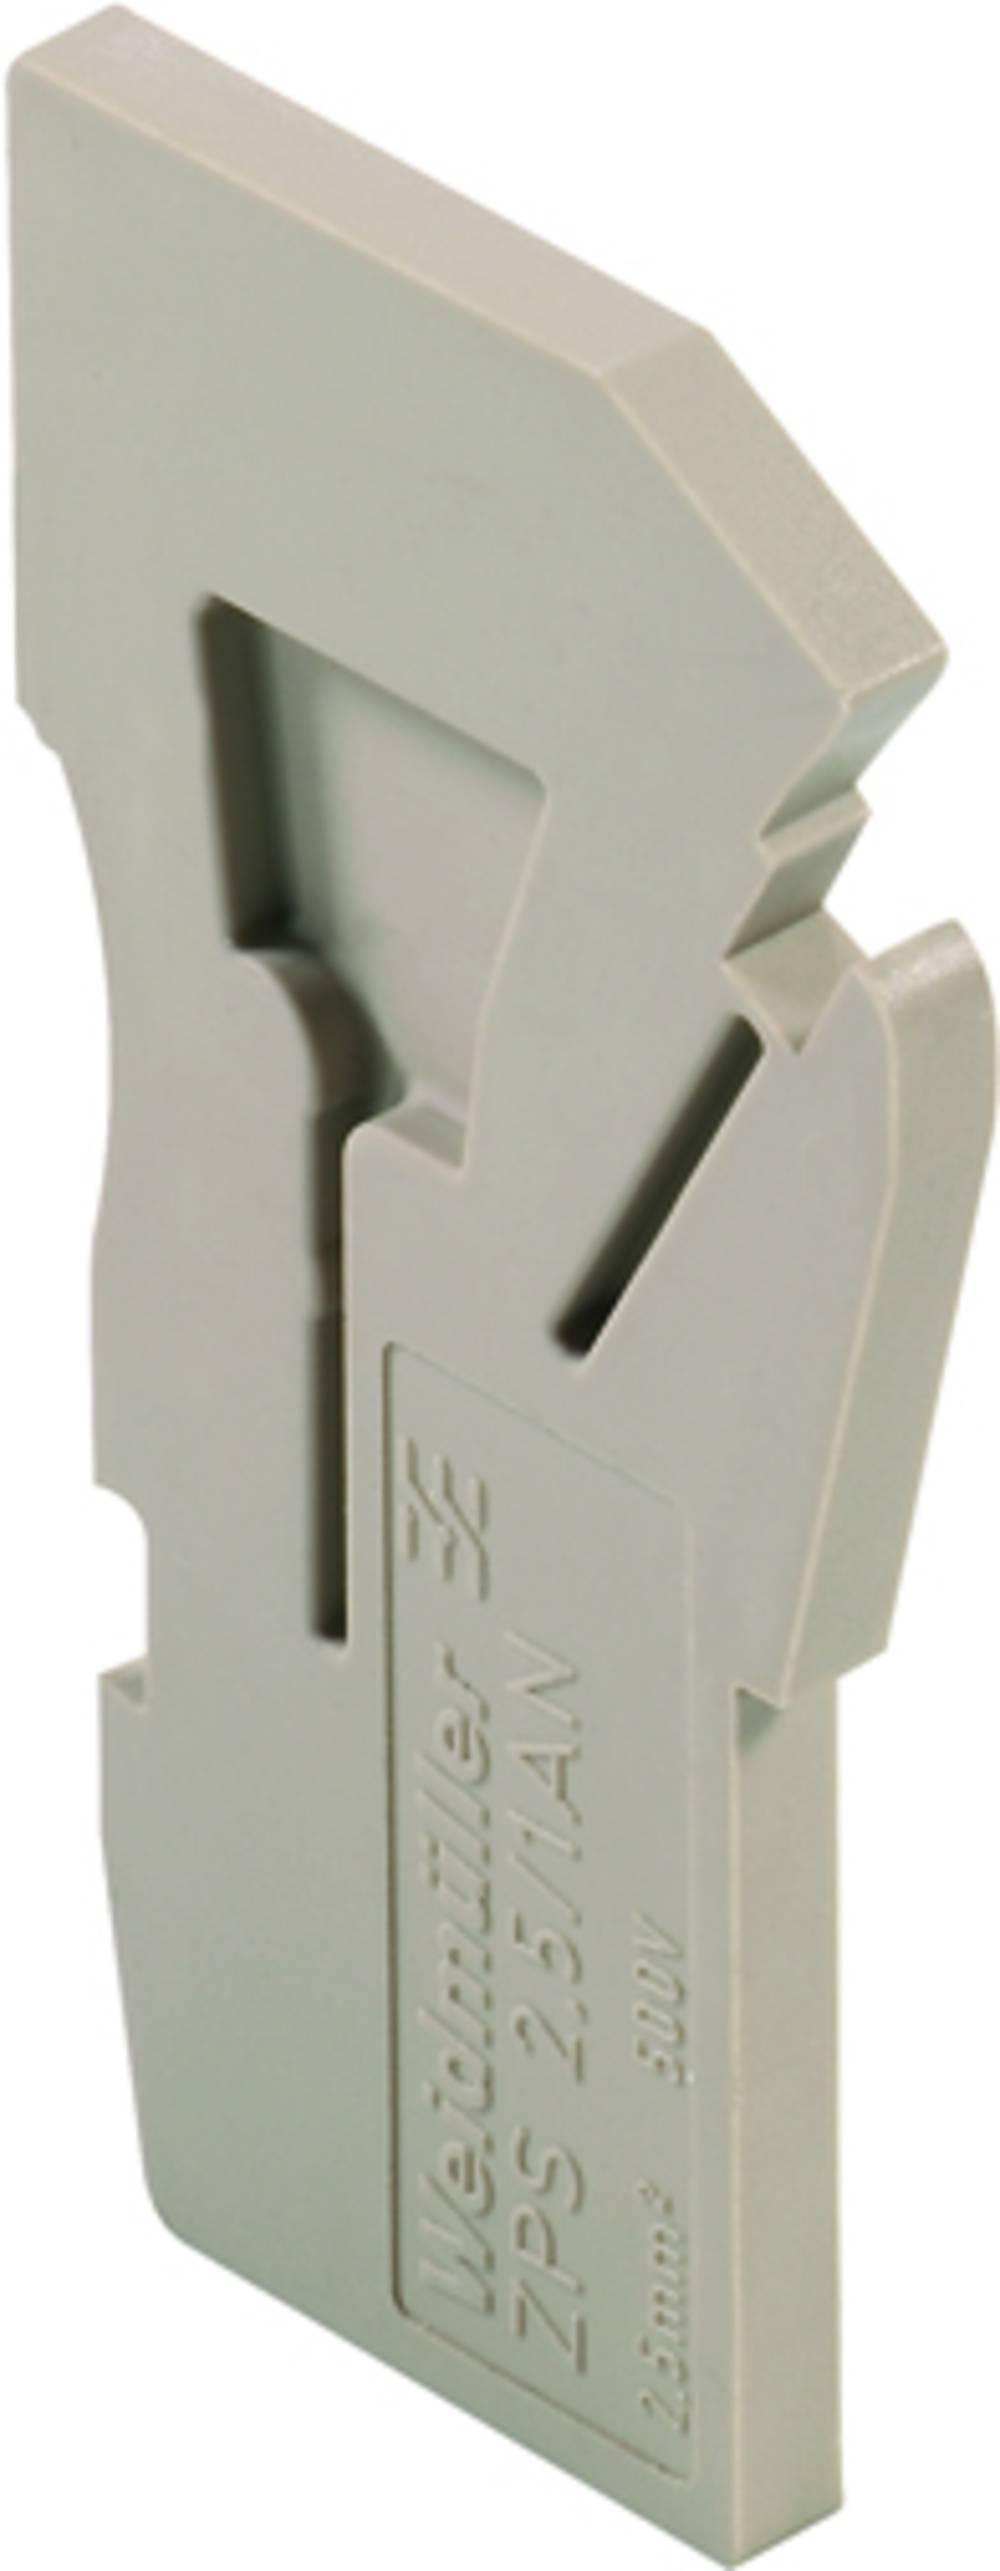 kobling ZPS 2.5/1AN/QV/12 1866000000 Weidmüller 10 stk